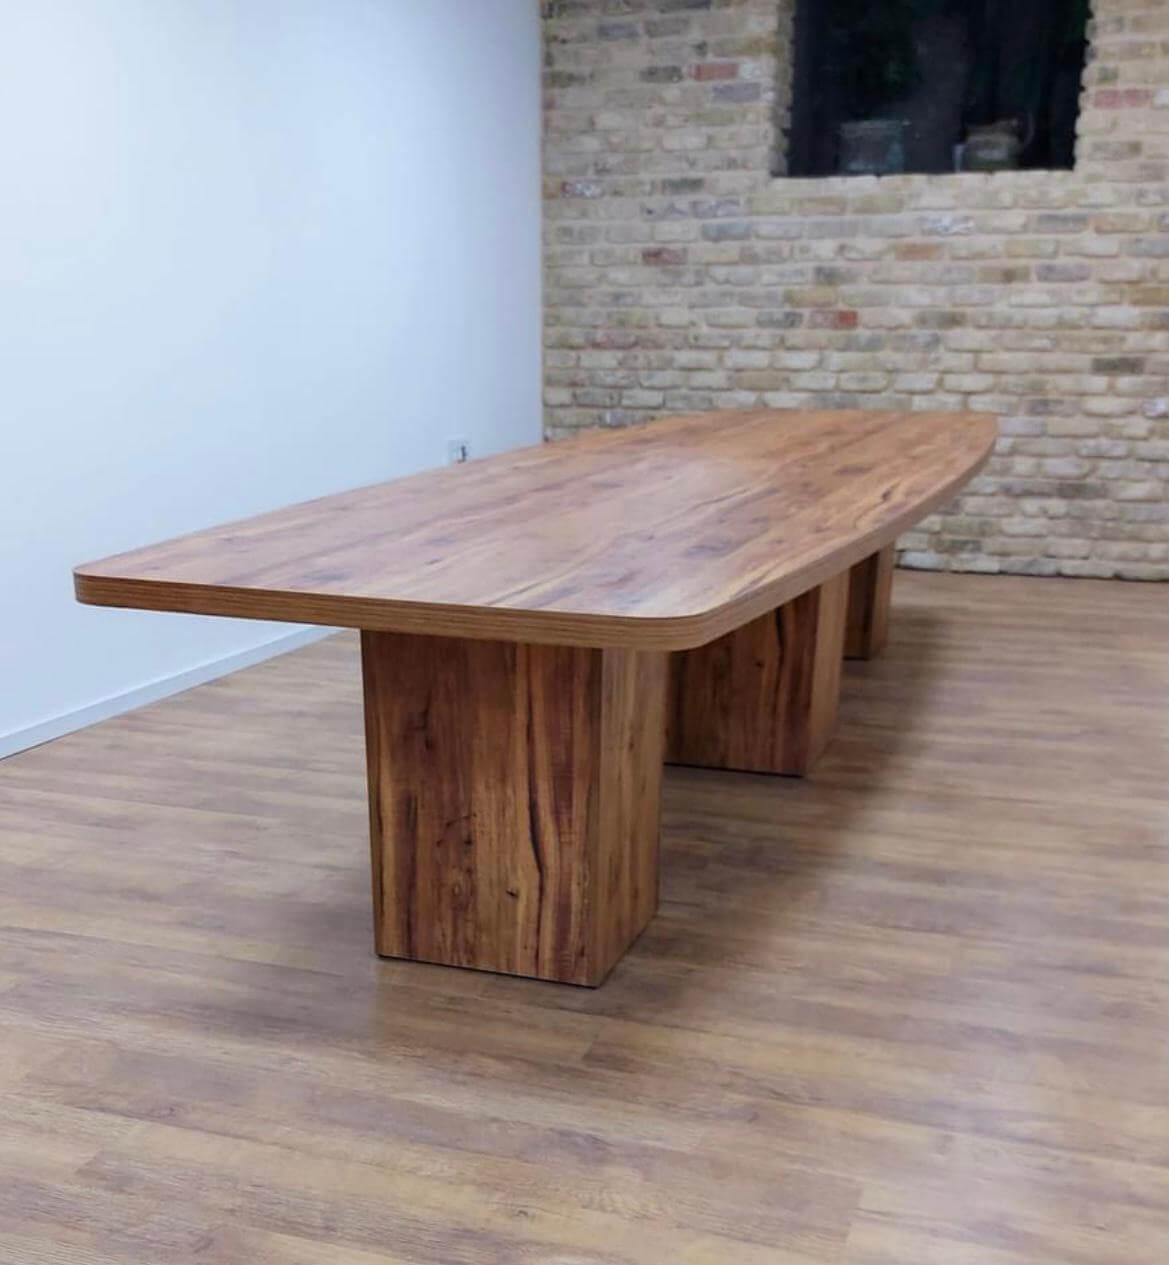 שולחן ישיבות אובלי קנט מעובה רגלי קופסא במידות 480X120